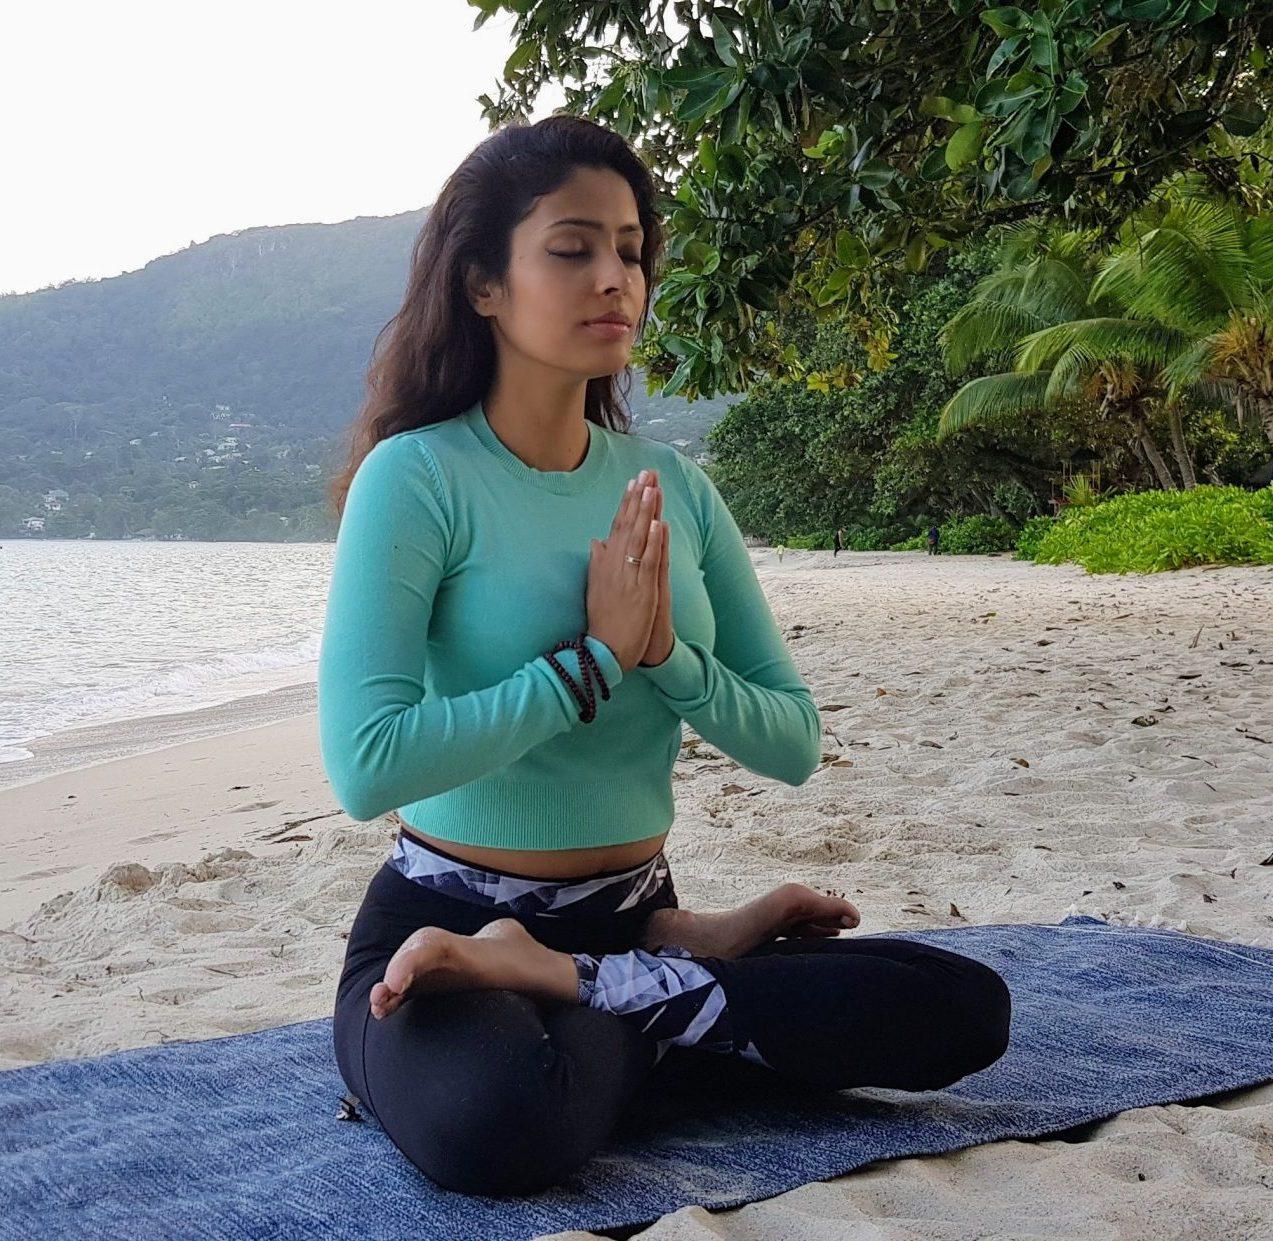 Abu Dhabi Yoga Coach Shweta